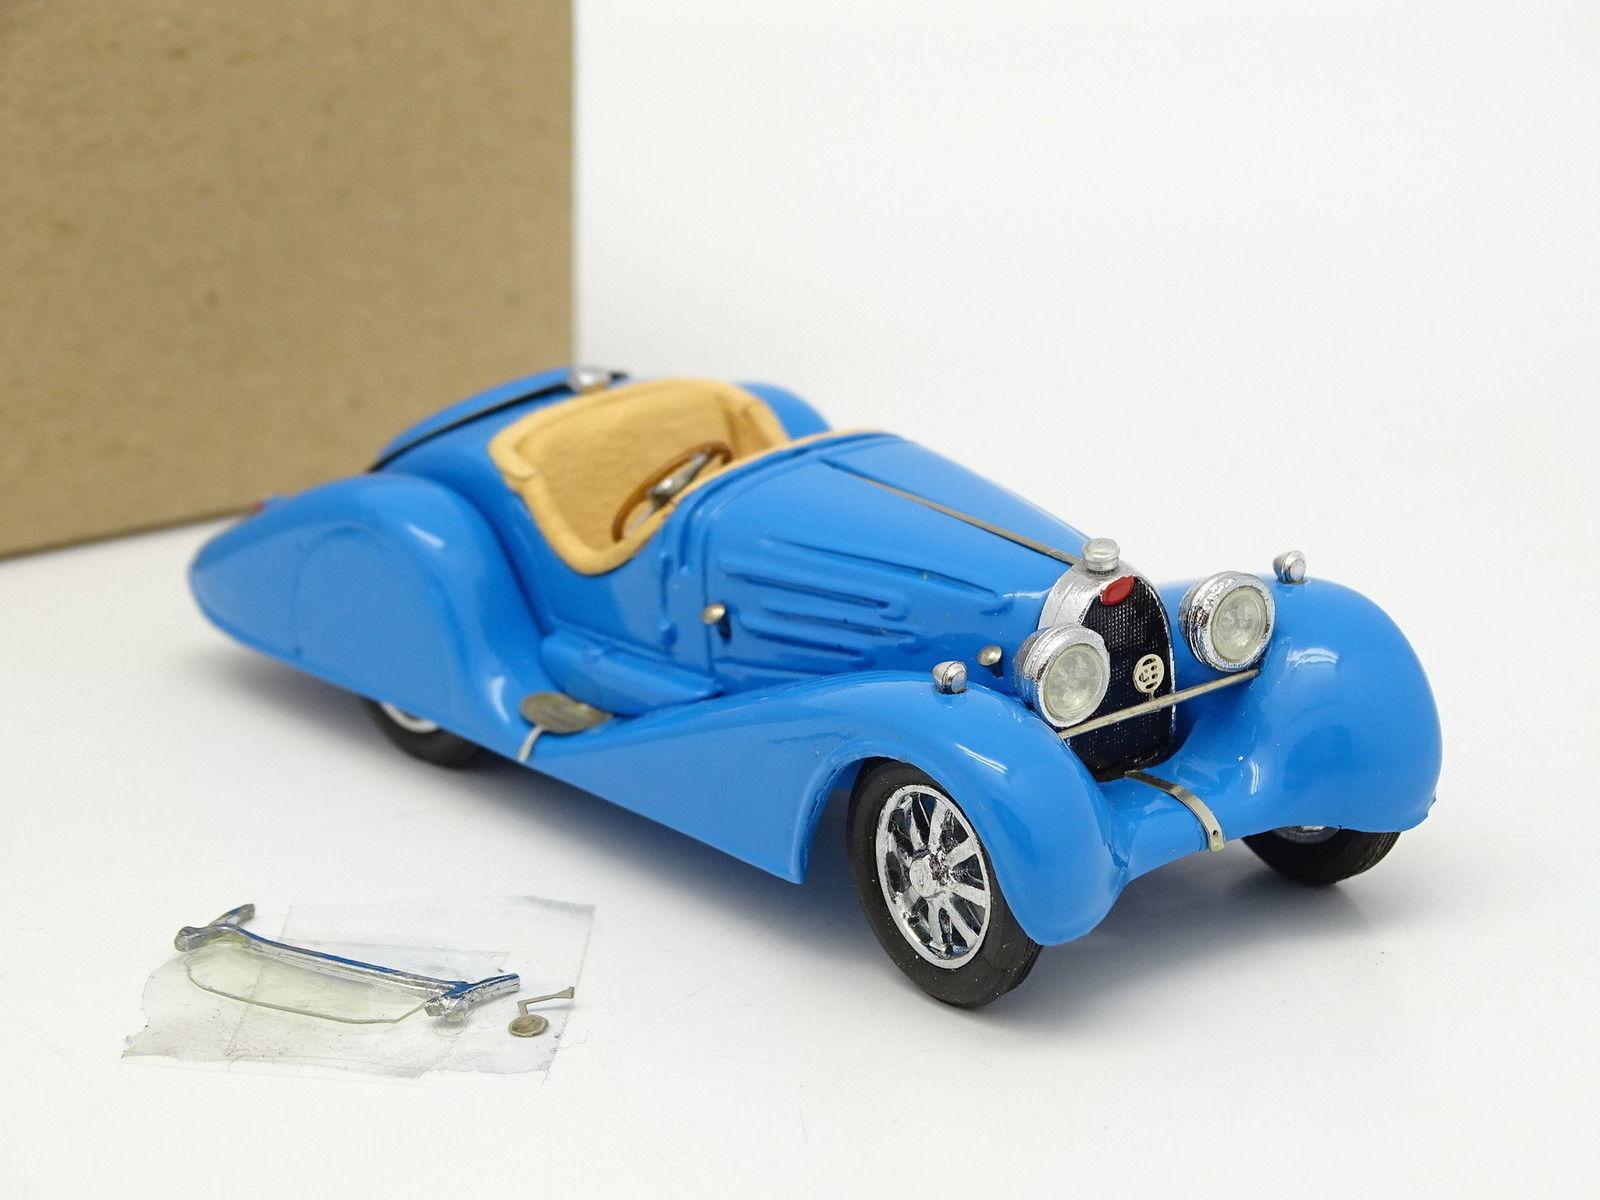 DB Modeles Kit Monté Monté Monté Résine 1/43 Bugatti T35B Carrossée Bleue | Durable Dans L'utilisation  | Vente En Ligne  | Techniques Modernes  38bd3f